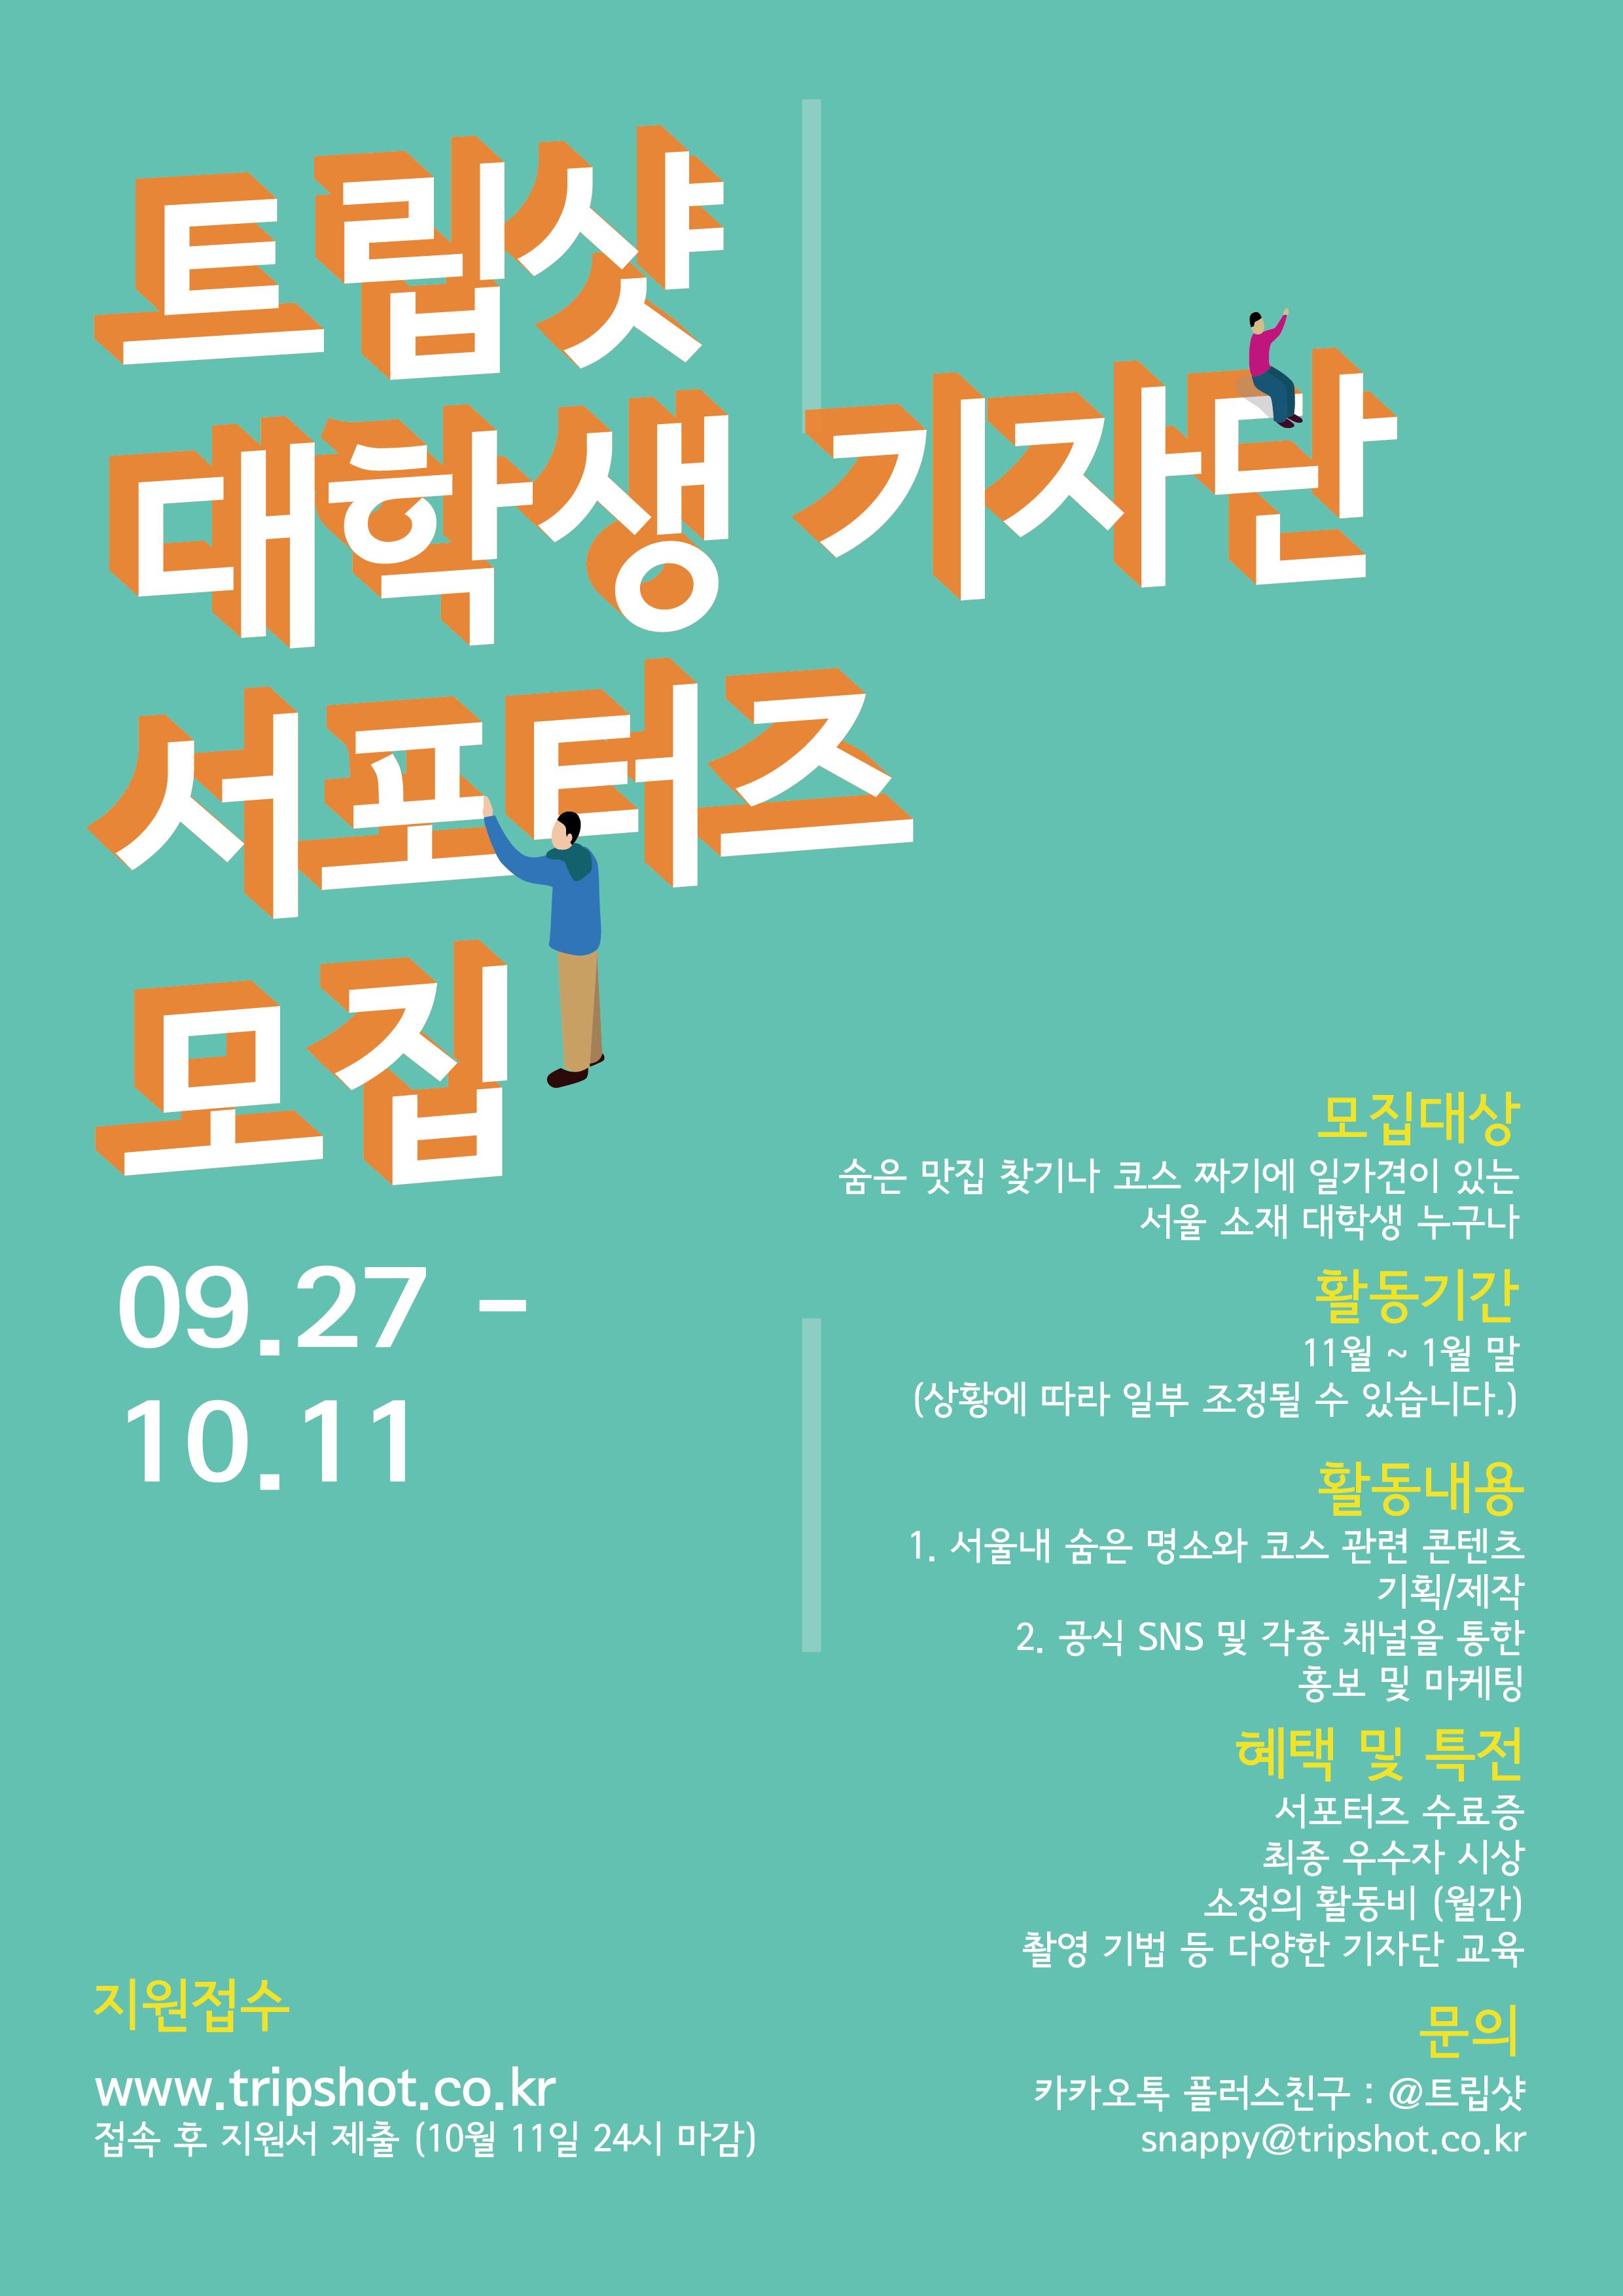 트립샷 대학생 기자단 서포터즈 1기 (~10/11)